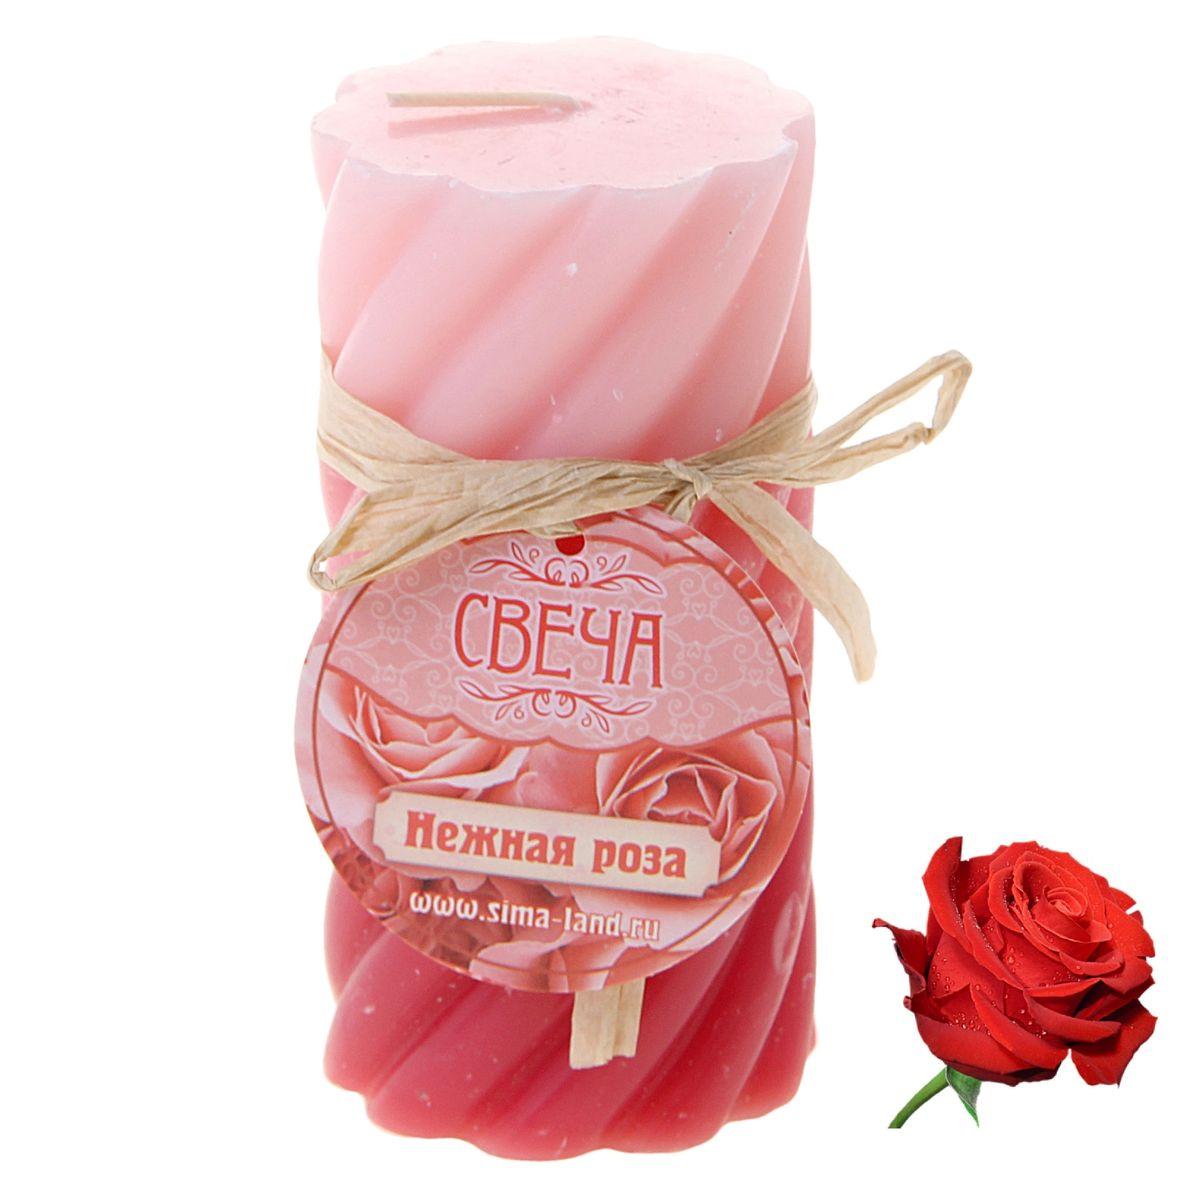 Свеча ароматизированная Sima-land Роза, высота 10 см. 849557849557Свеча Sima-land Роза выполнена из воска в виде столбика и оформлена волнообразным рельефом. Изделие порадует ярким дизайном и нежным ароматом розы, который понравится как женщинам, так и мужчинам. Создайте для себя и своих близких незабываемую атмосферу праздника в доме. Ароматическая свеча Sima-land Роза может стать не только отличным подарком, но и гарантией хорошего настроения, ведь это красивая вещь из качественного, безопасного для здоровья материала.